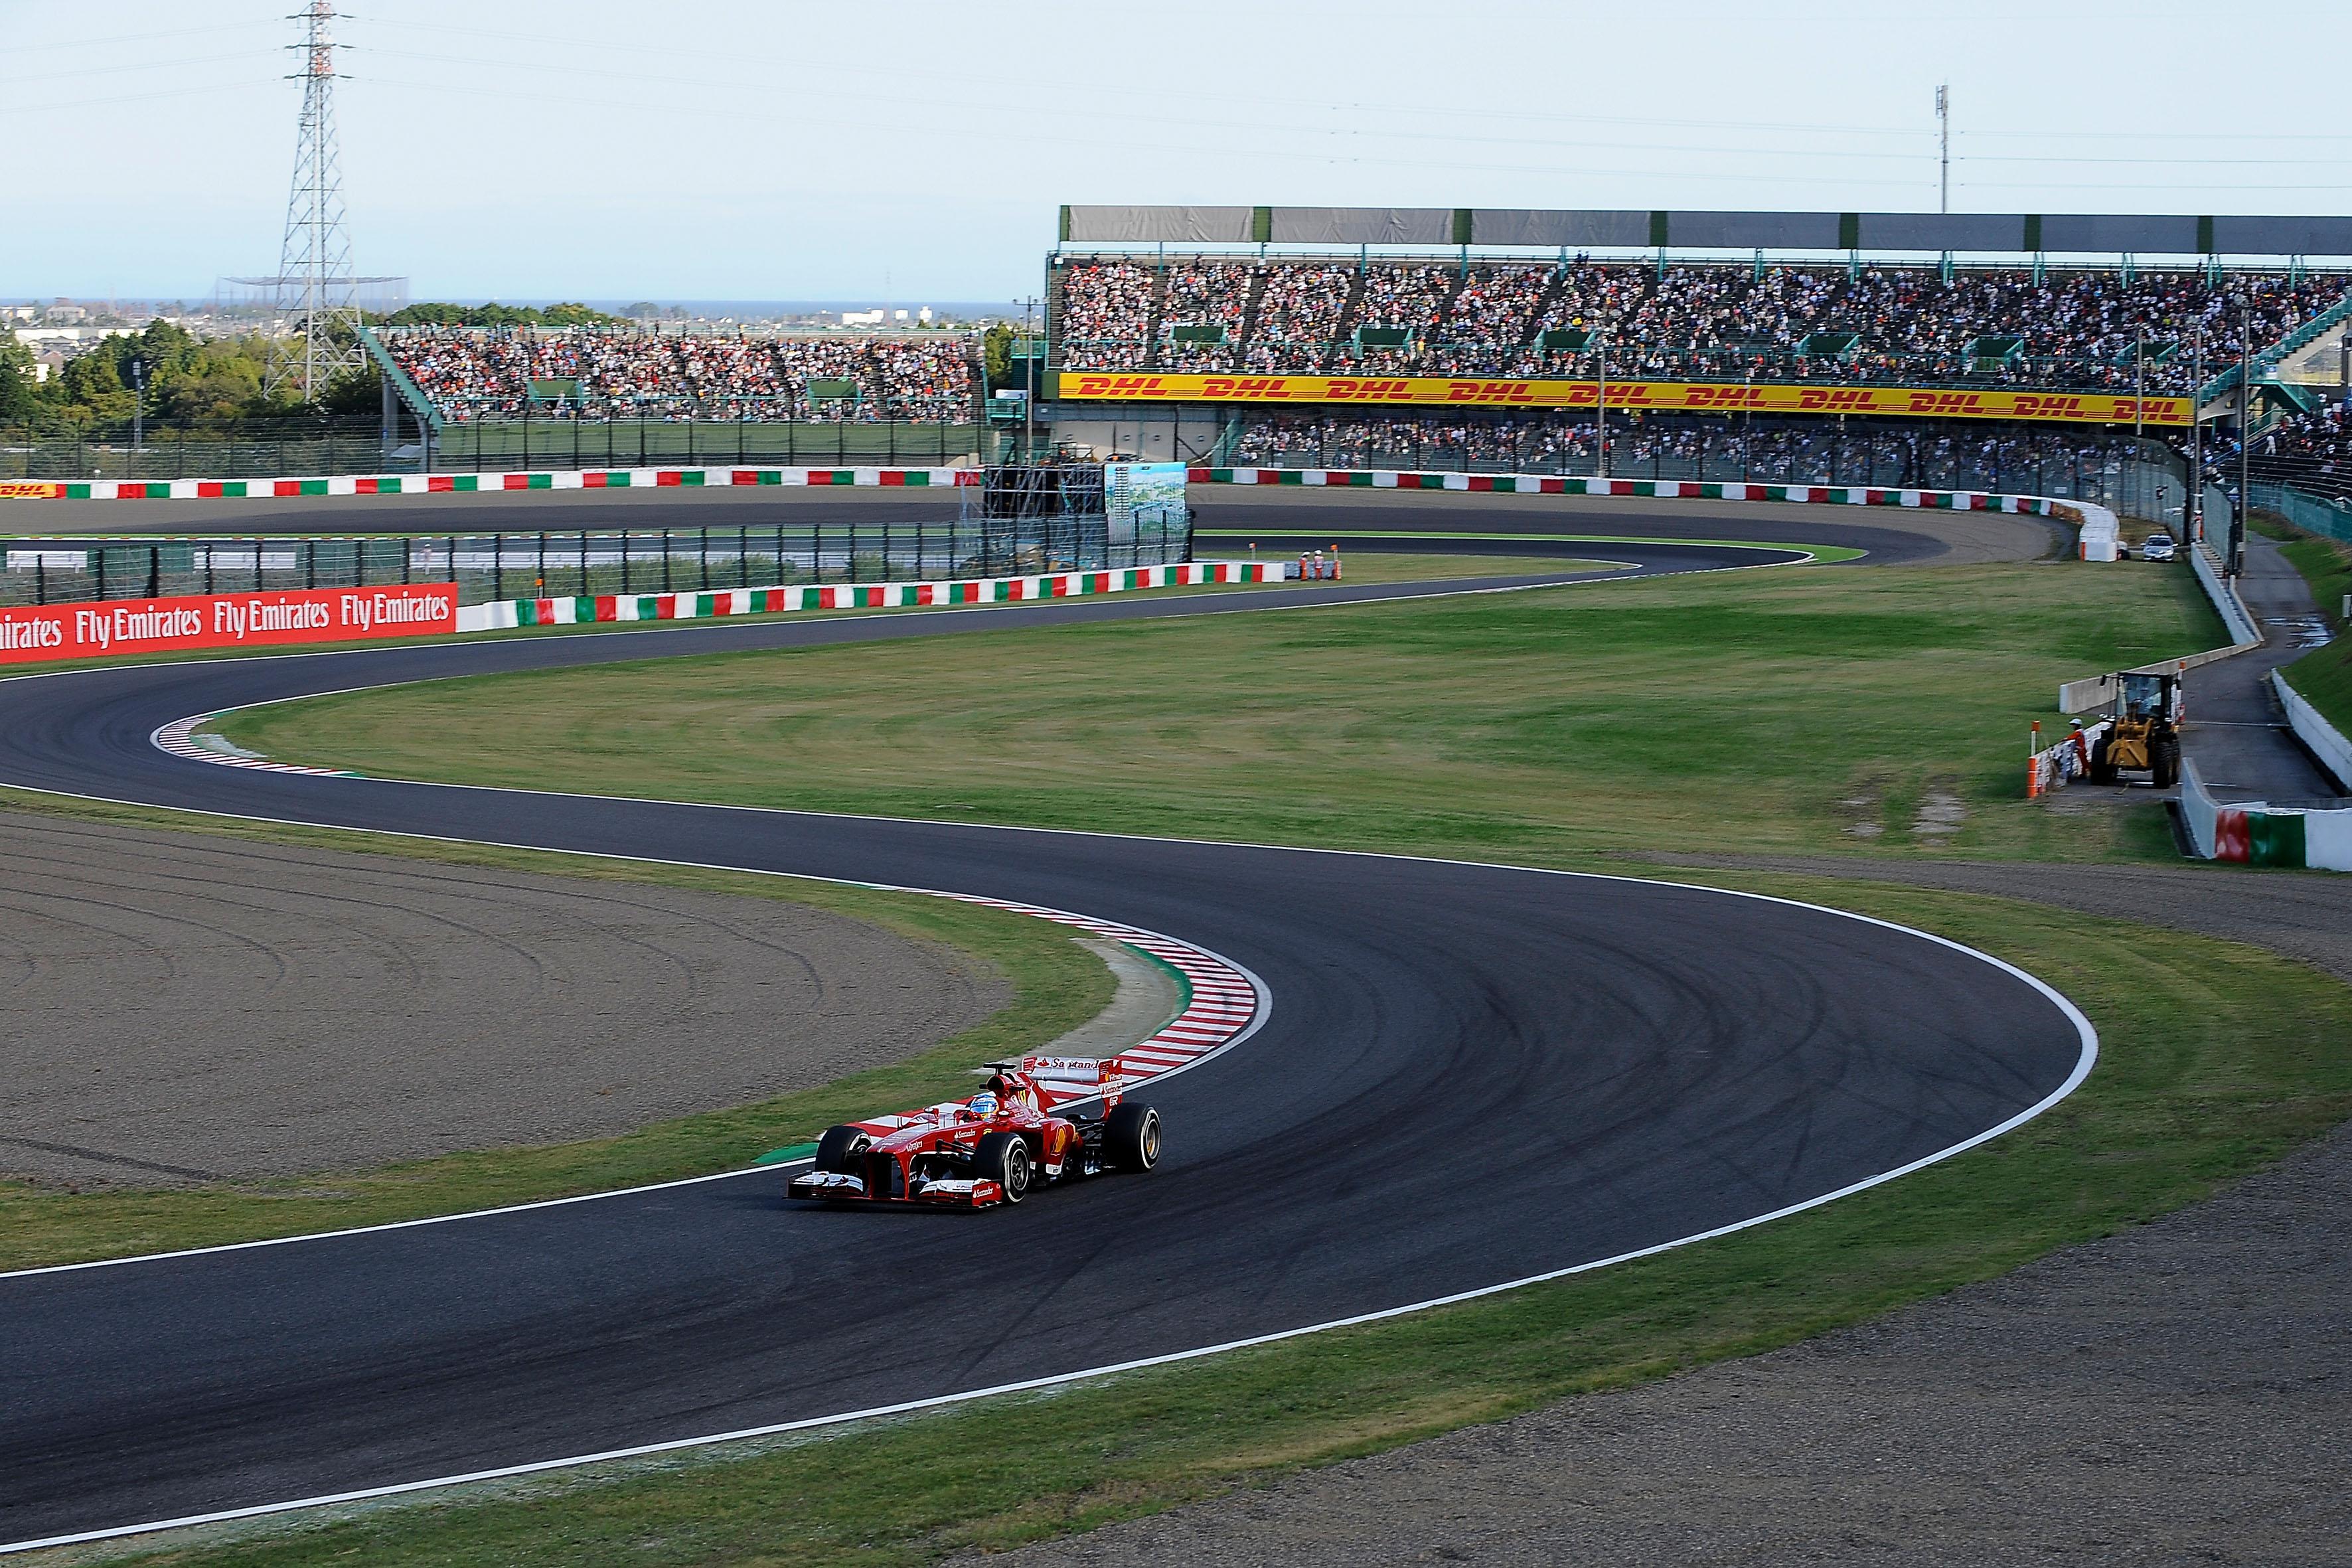 Circuito Japon : Gran premio de japon u motormundial